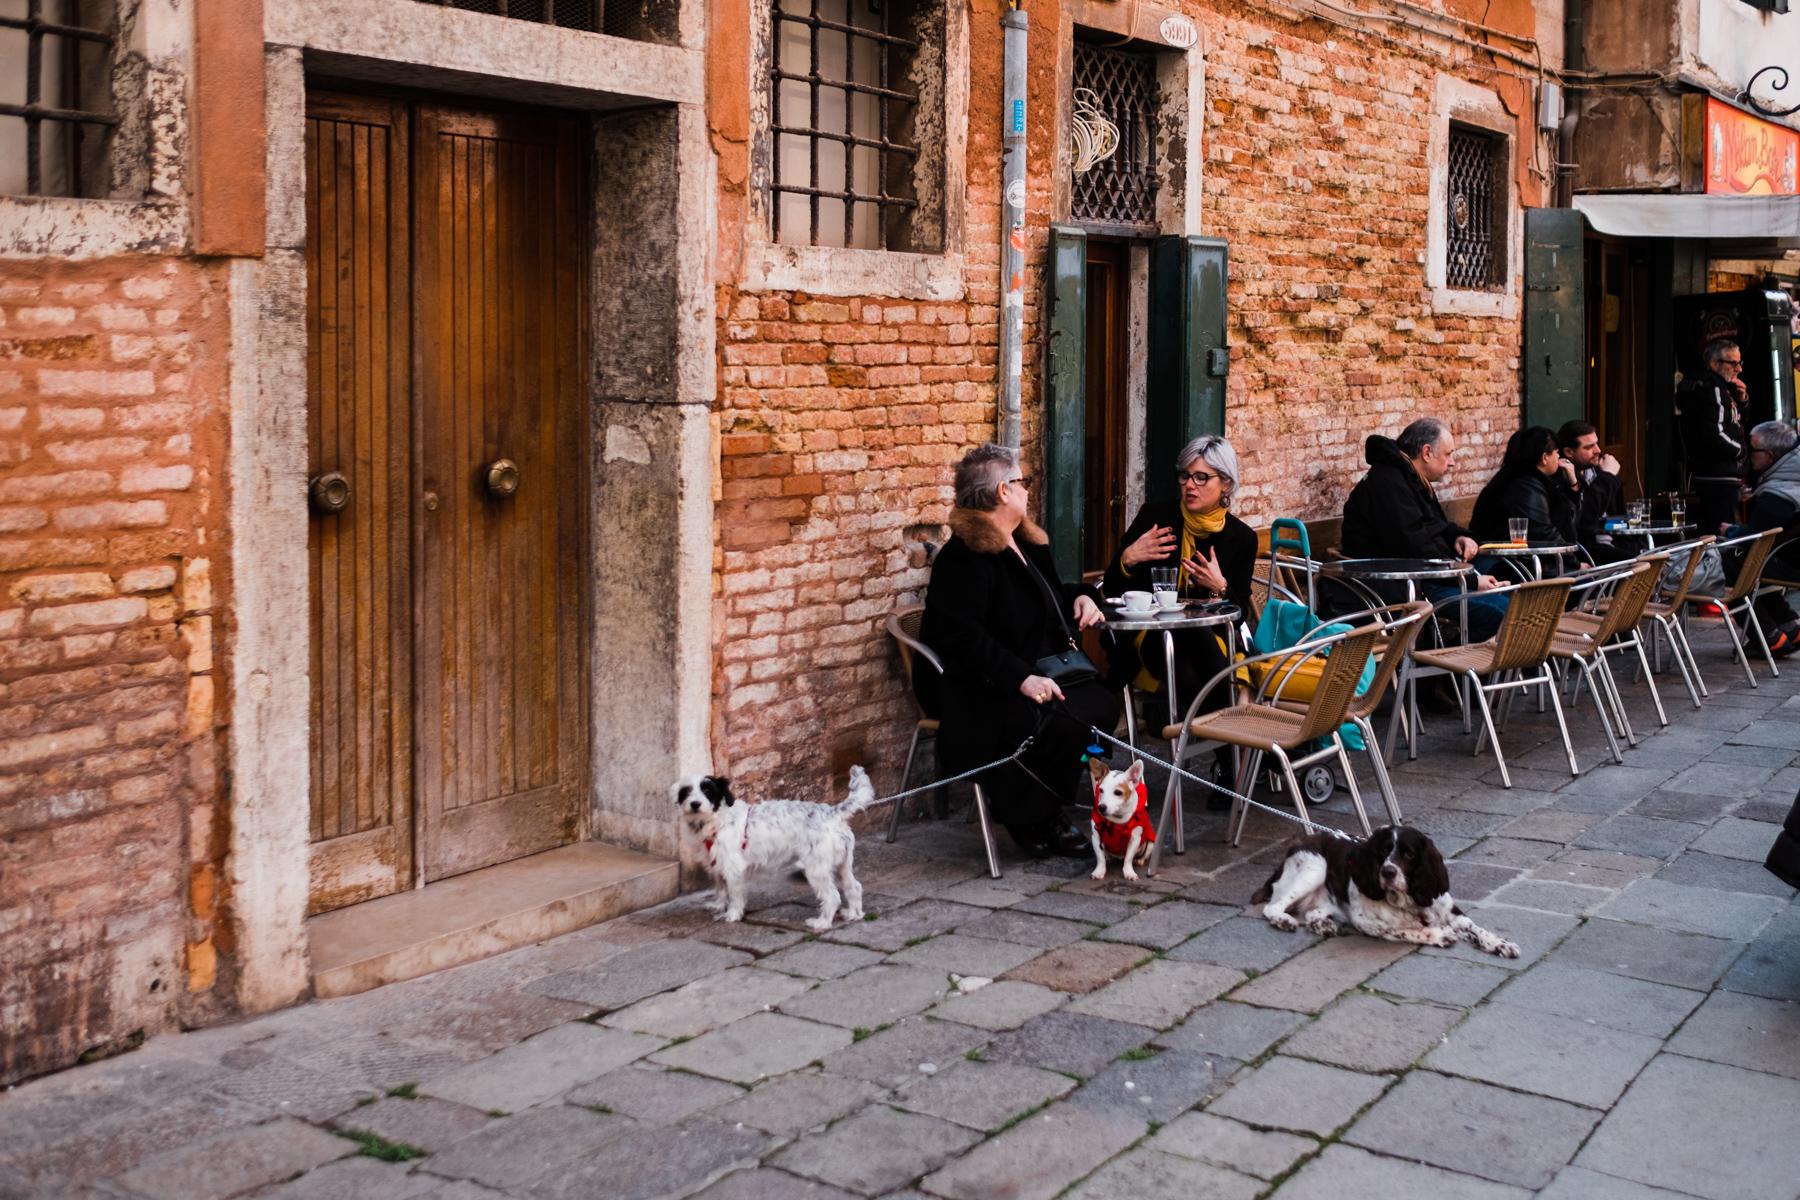 Venice_deersphotography-102